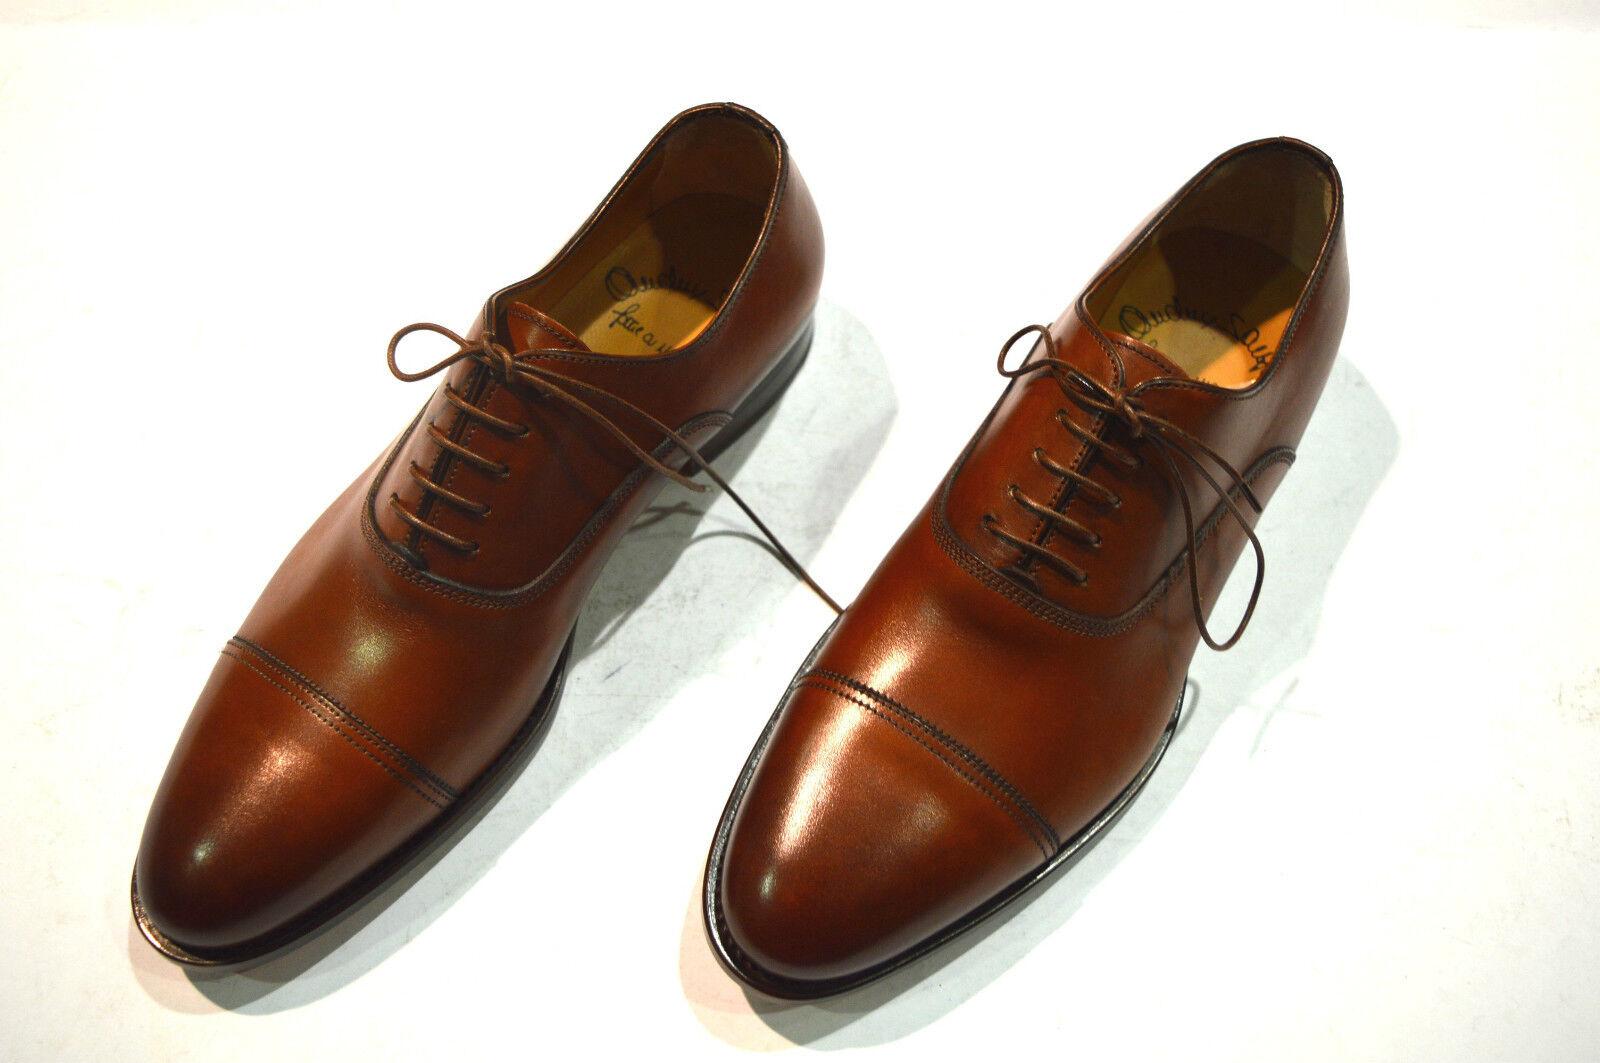 Nouvelle robe SANTONI Brun Chaussures Cuir Taille EU 42 UK 8 US 9 (7R)